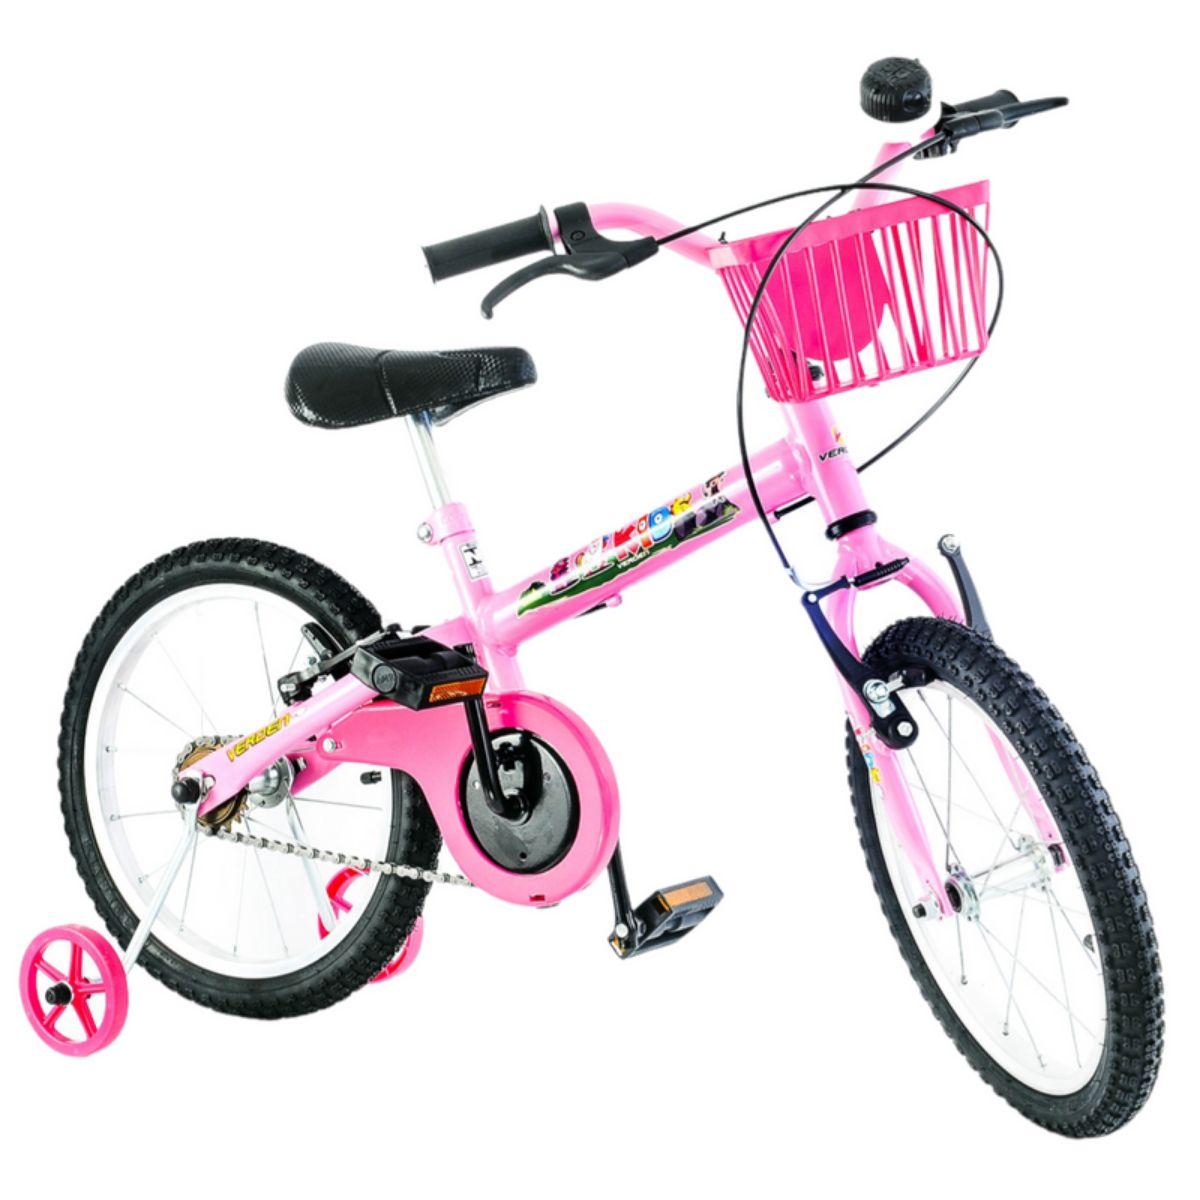 Bicicleta infantil Kids Rosa Aro 16 com rodinha